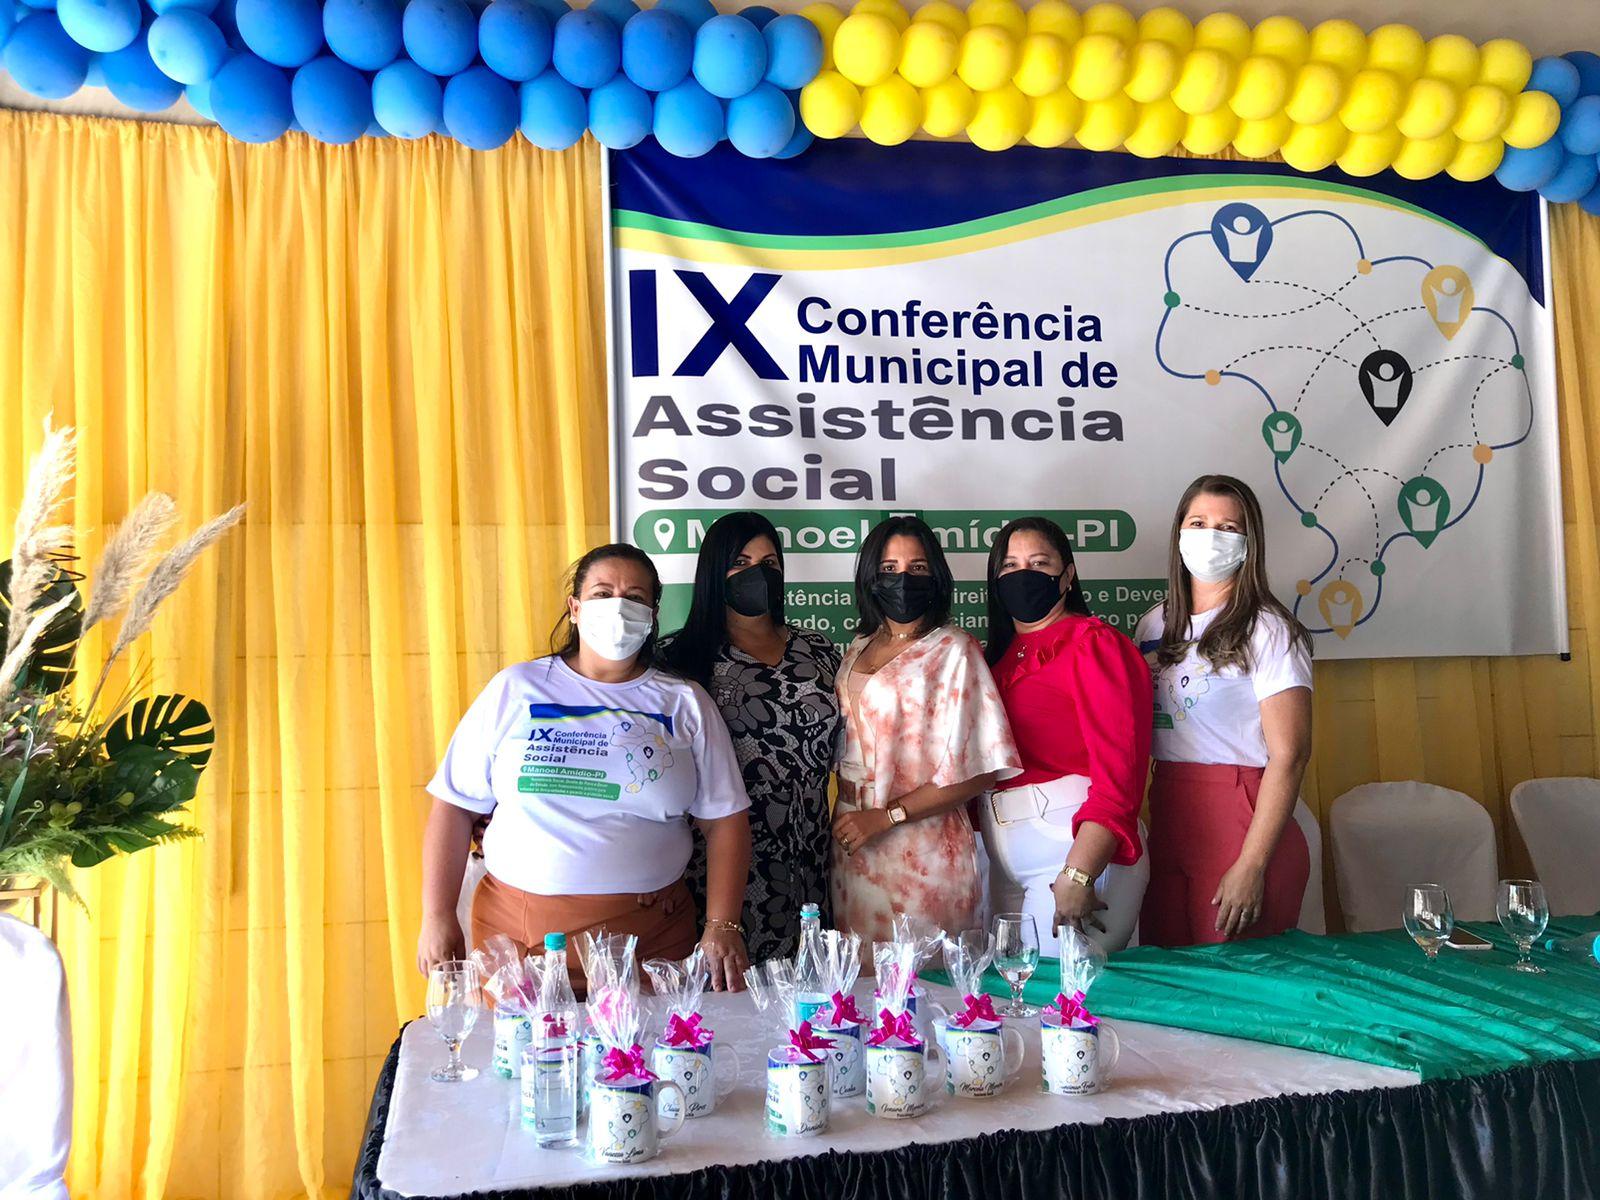 SEMAS realiza 9ª edição da Conferência Municipal de Assistência Social - Imagem 7